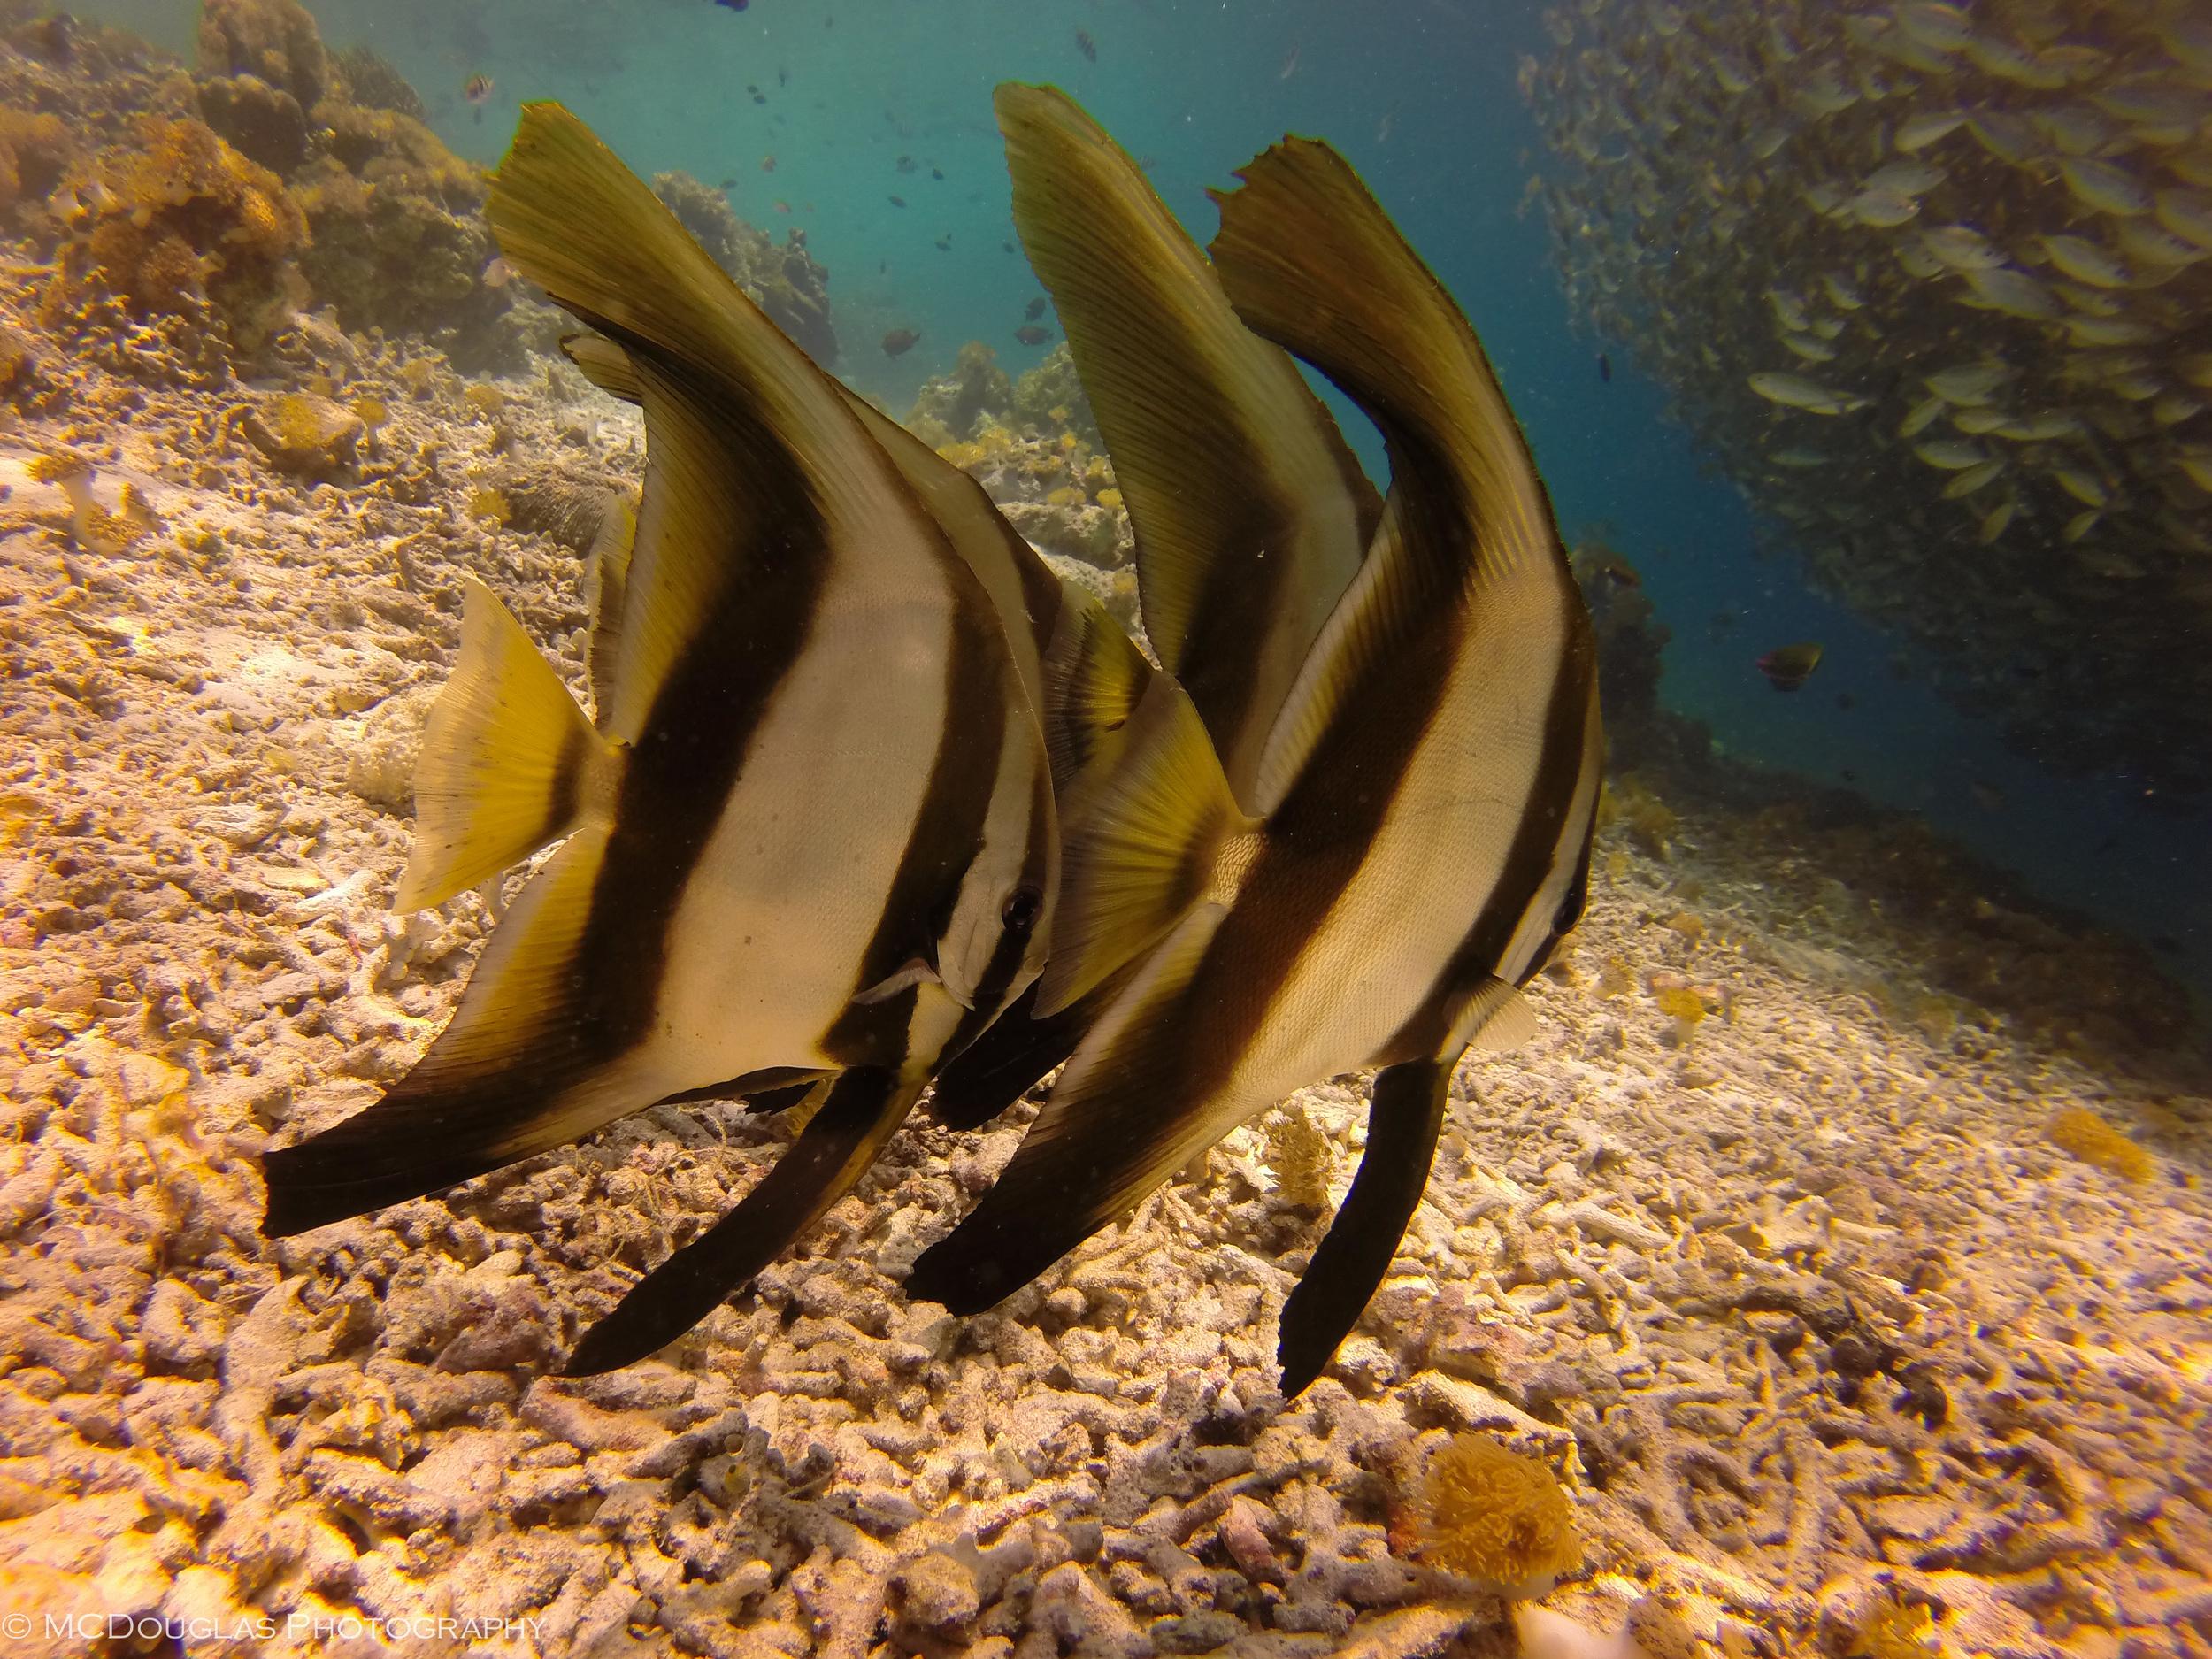 Underwater-0338.jpg